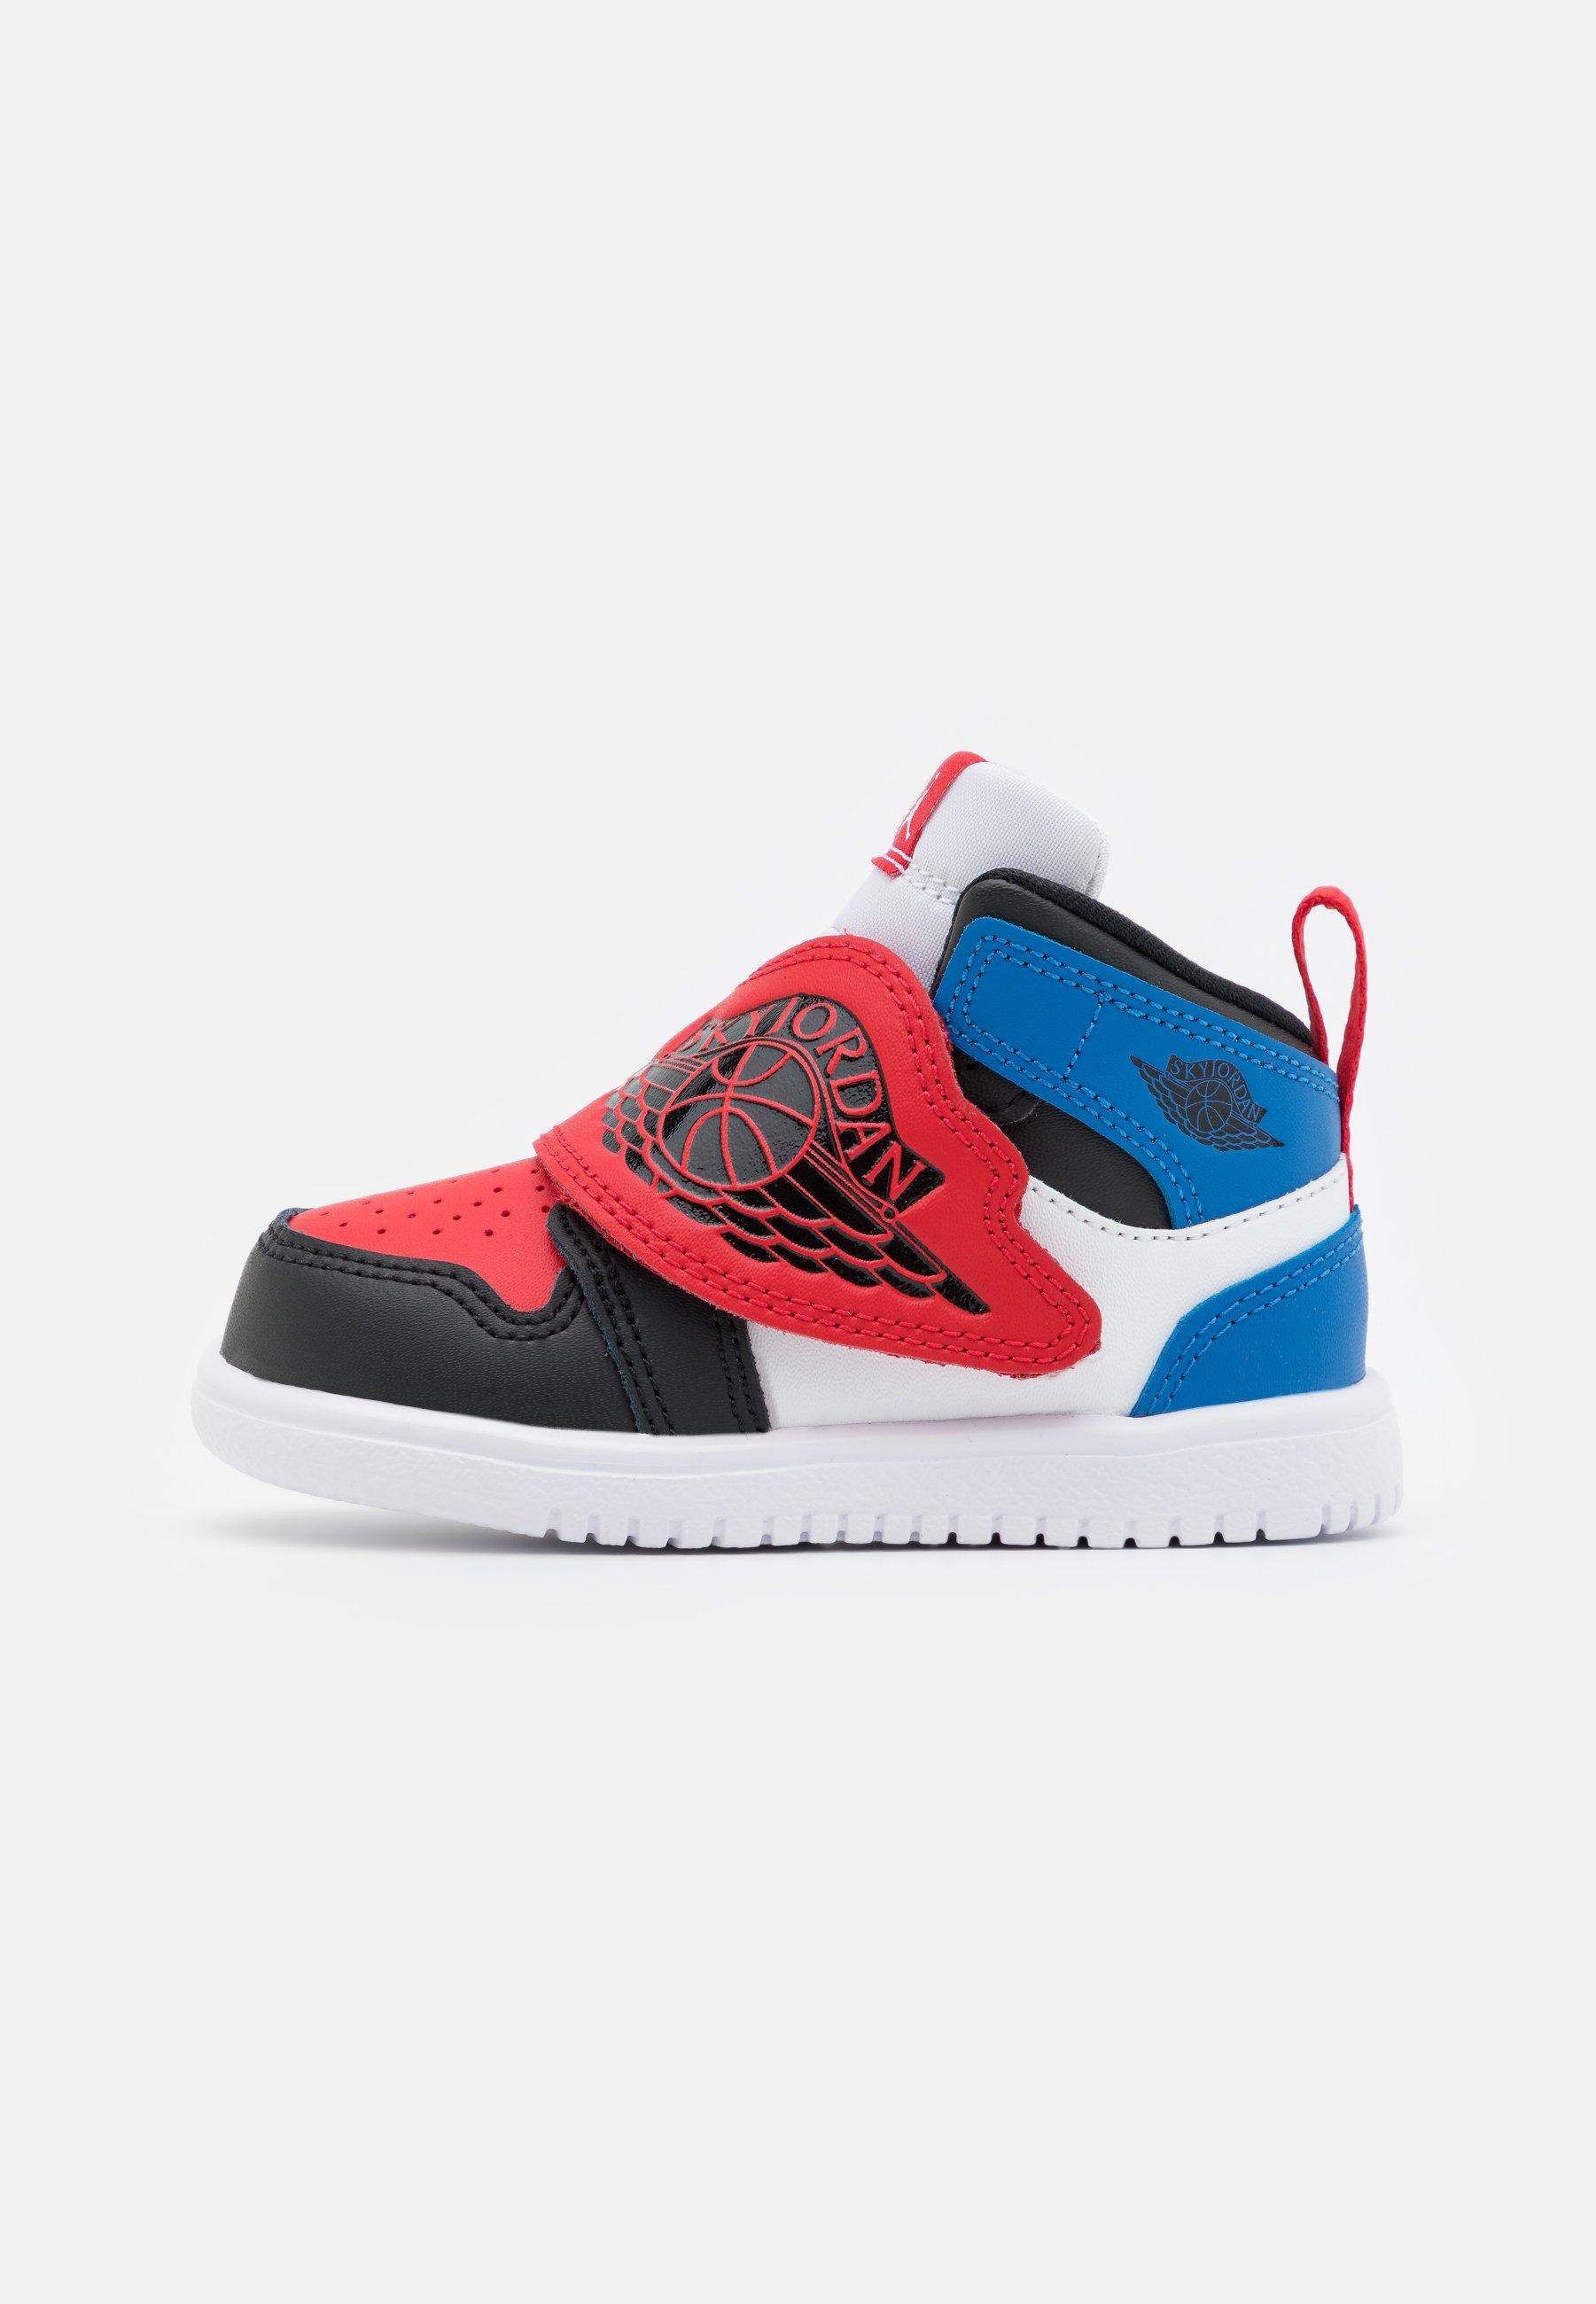 Enfant SKY 1 UNISEX - Chaussures de basket